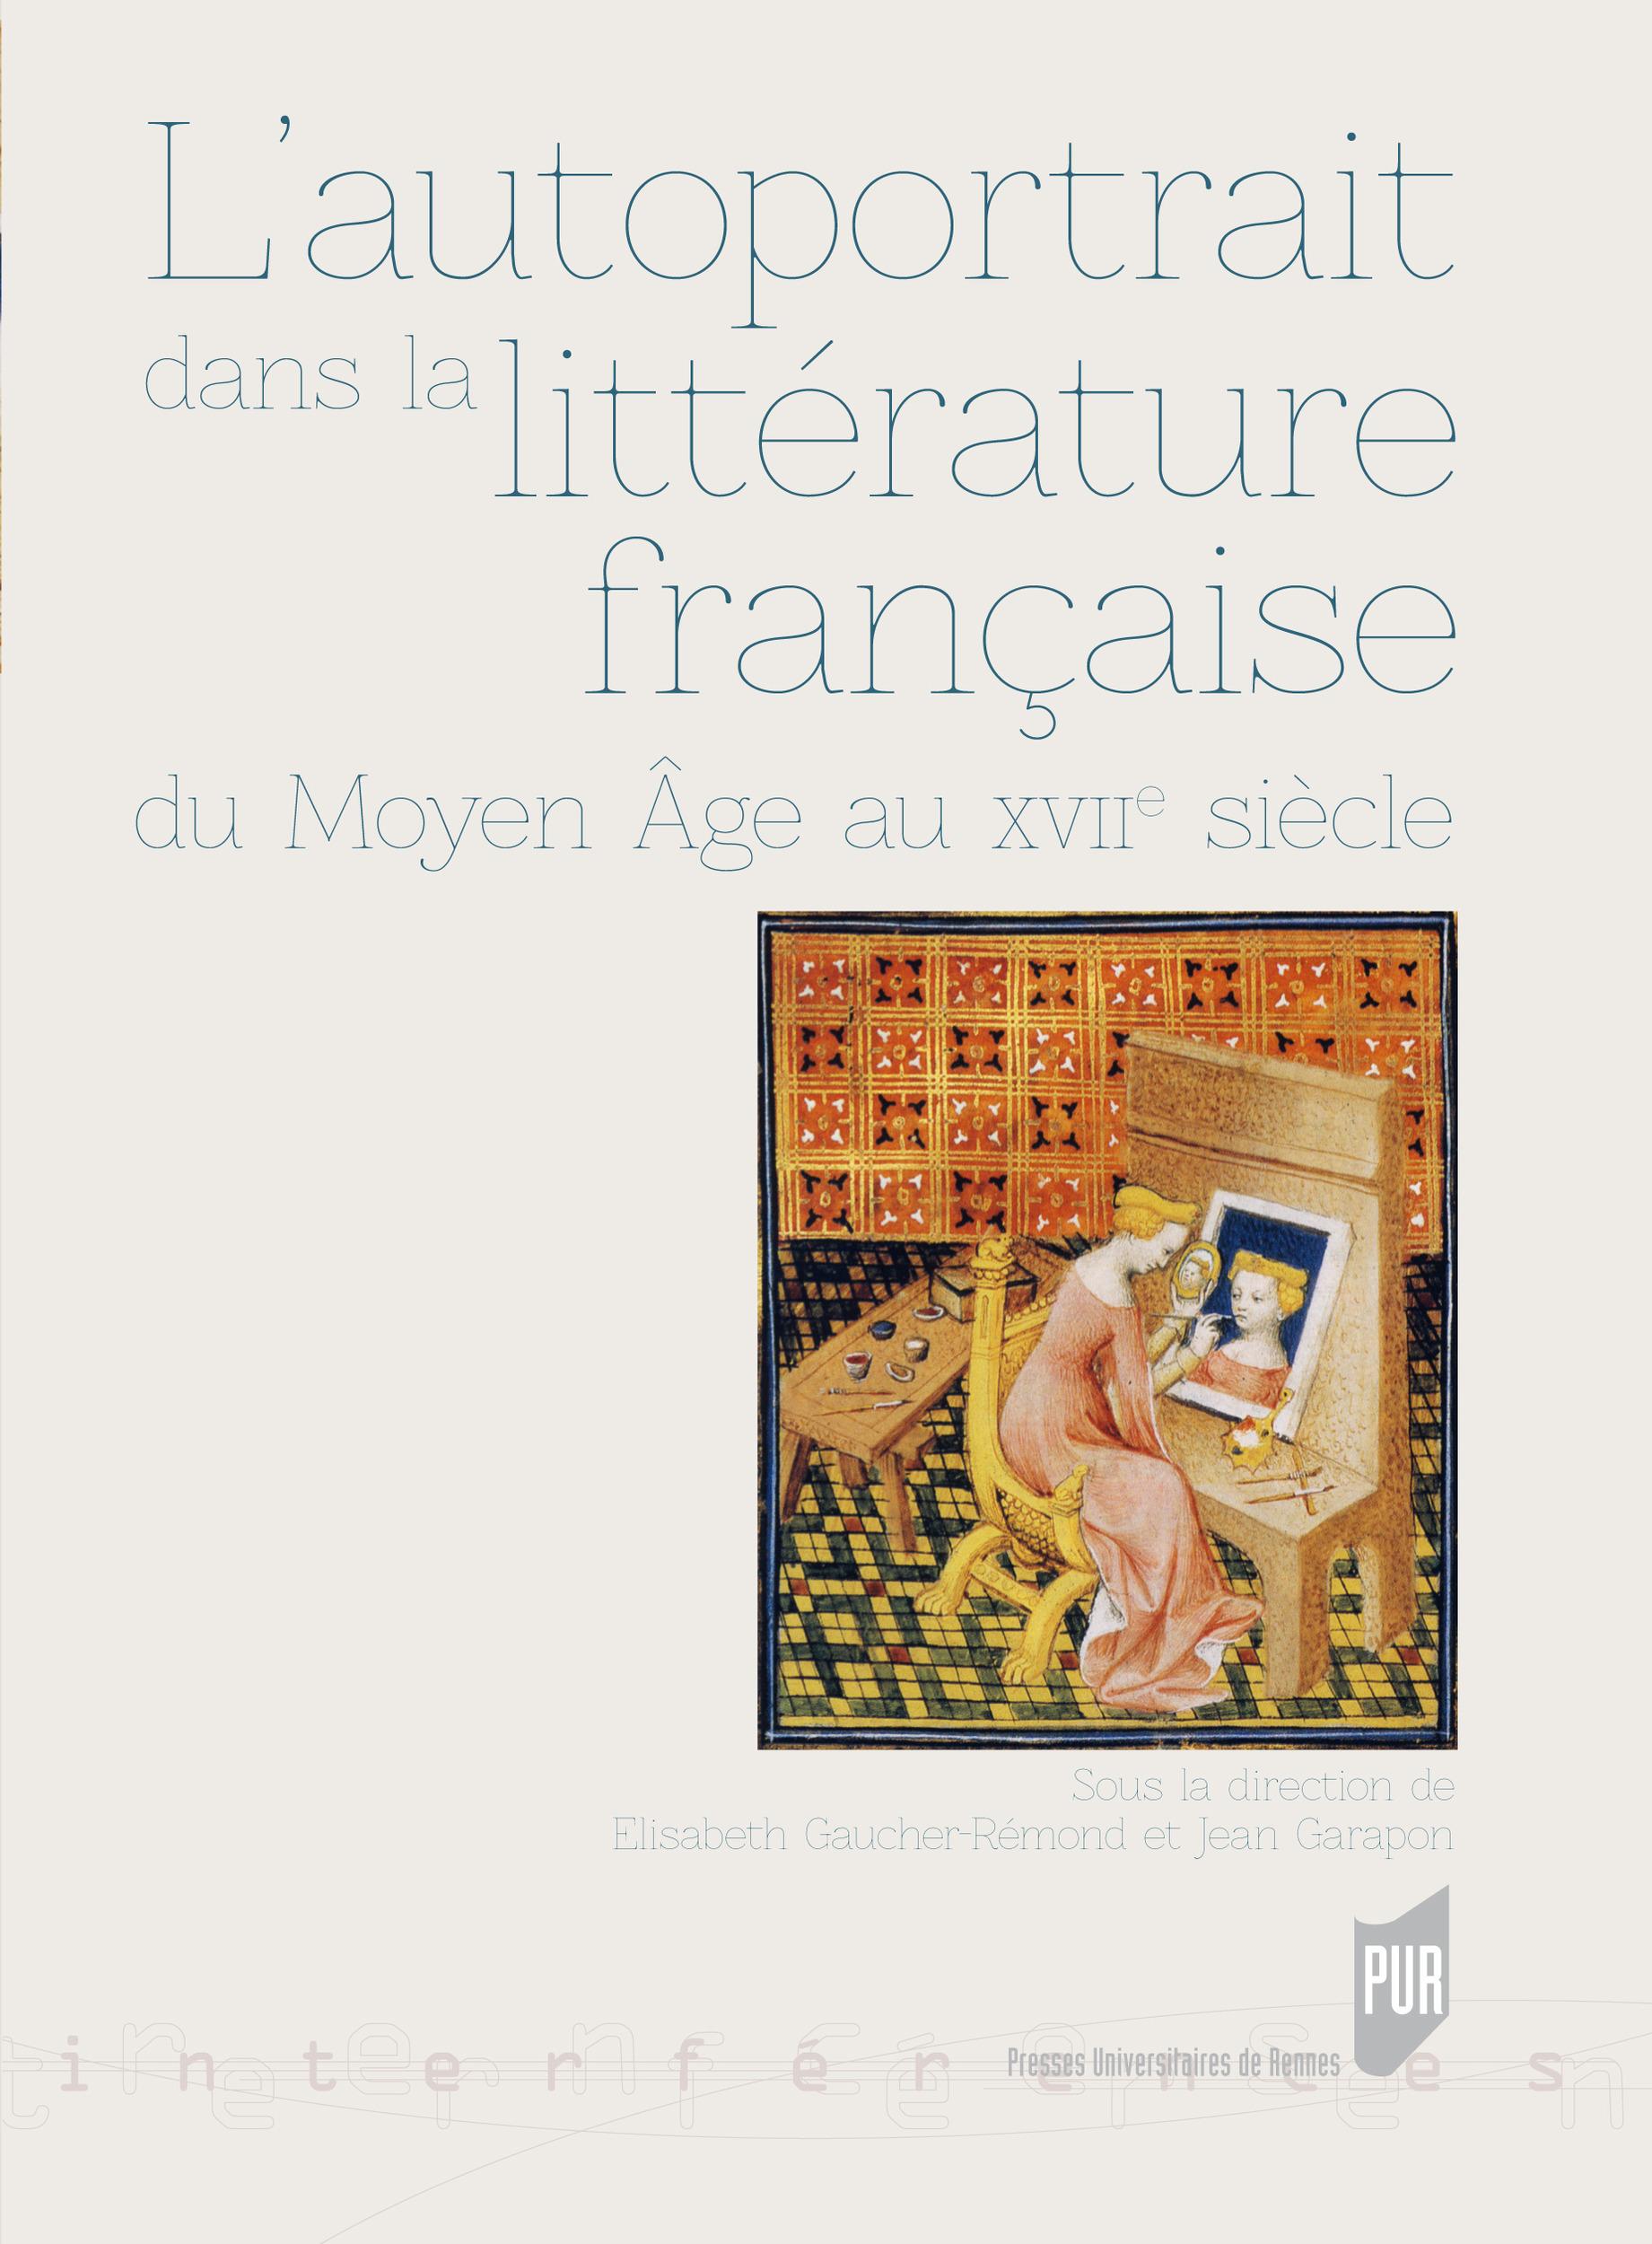 L'autoportrait dans la littérature française  - Élisabeth Gaucher-Rémond  - Jean Garapon